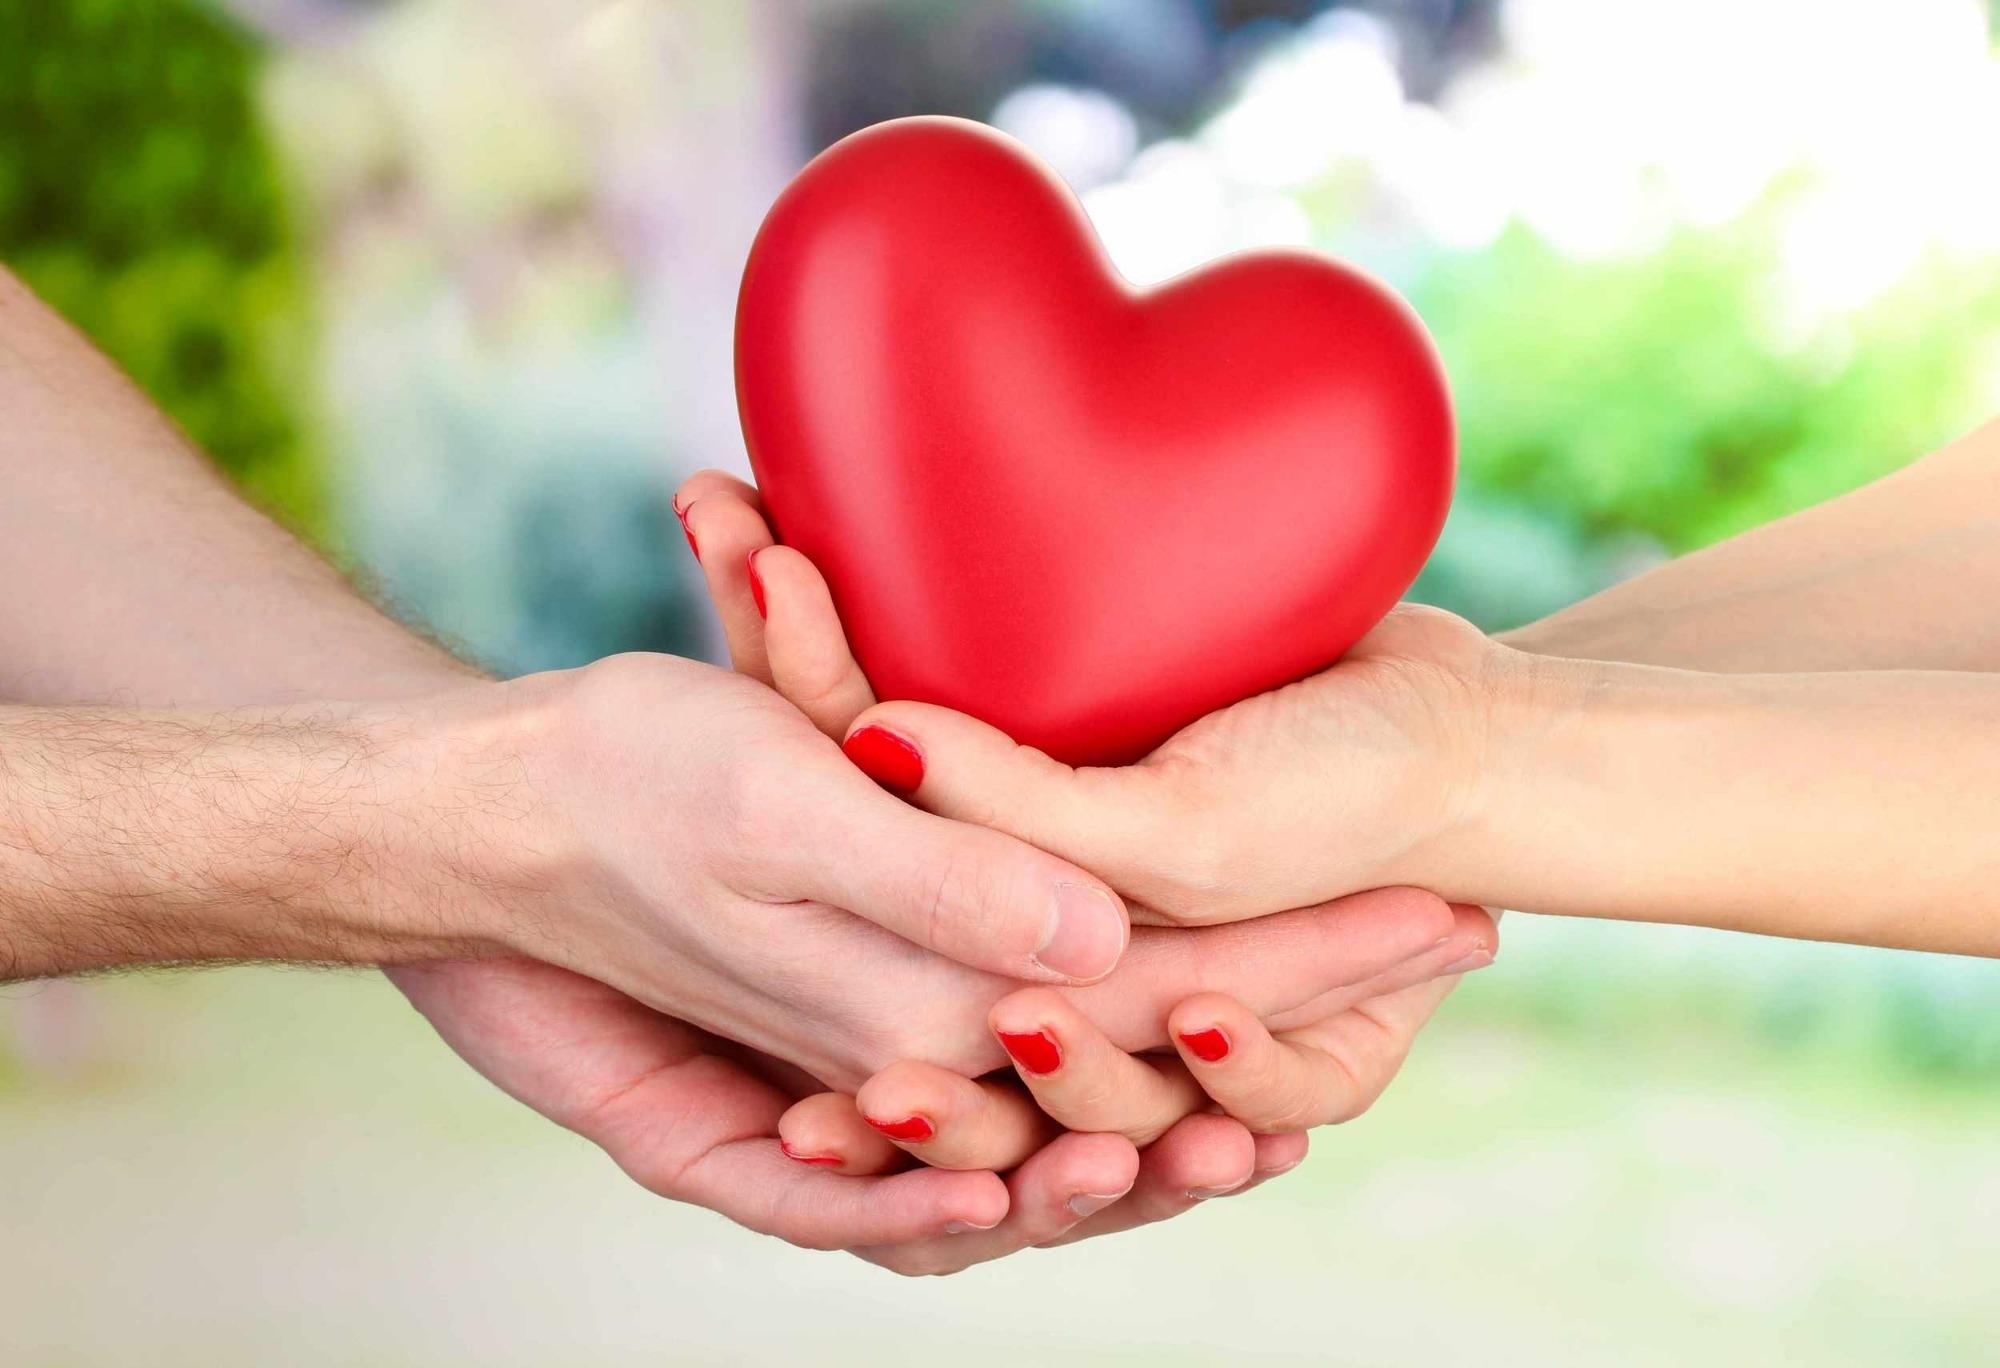 Овен и Телец совместимость знаков зодиака в любовных отношениях семейной жизни дружбе